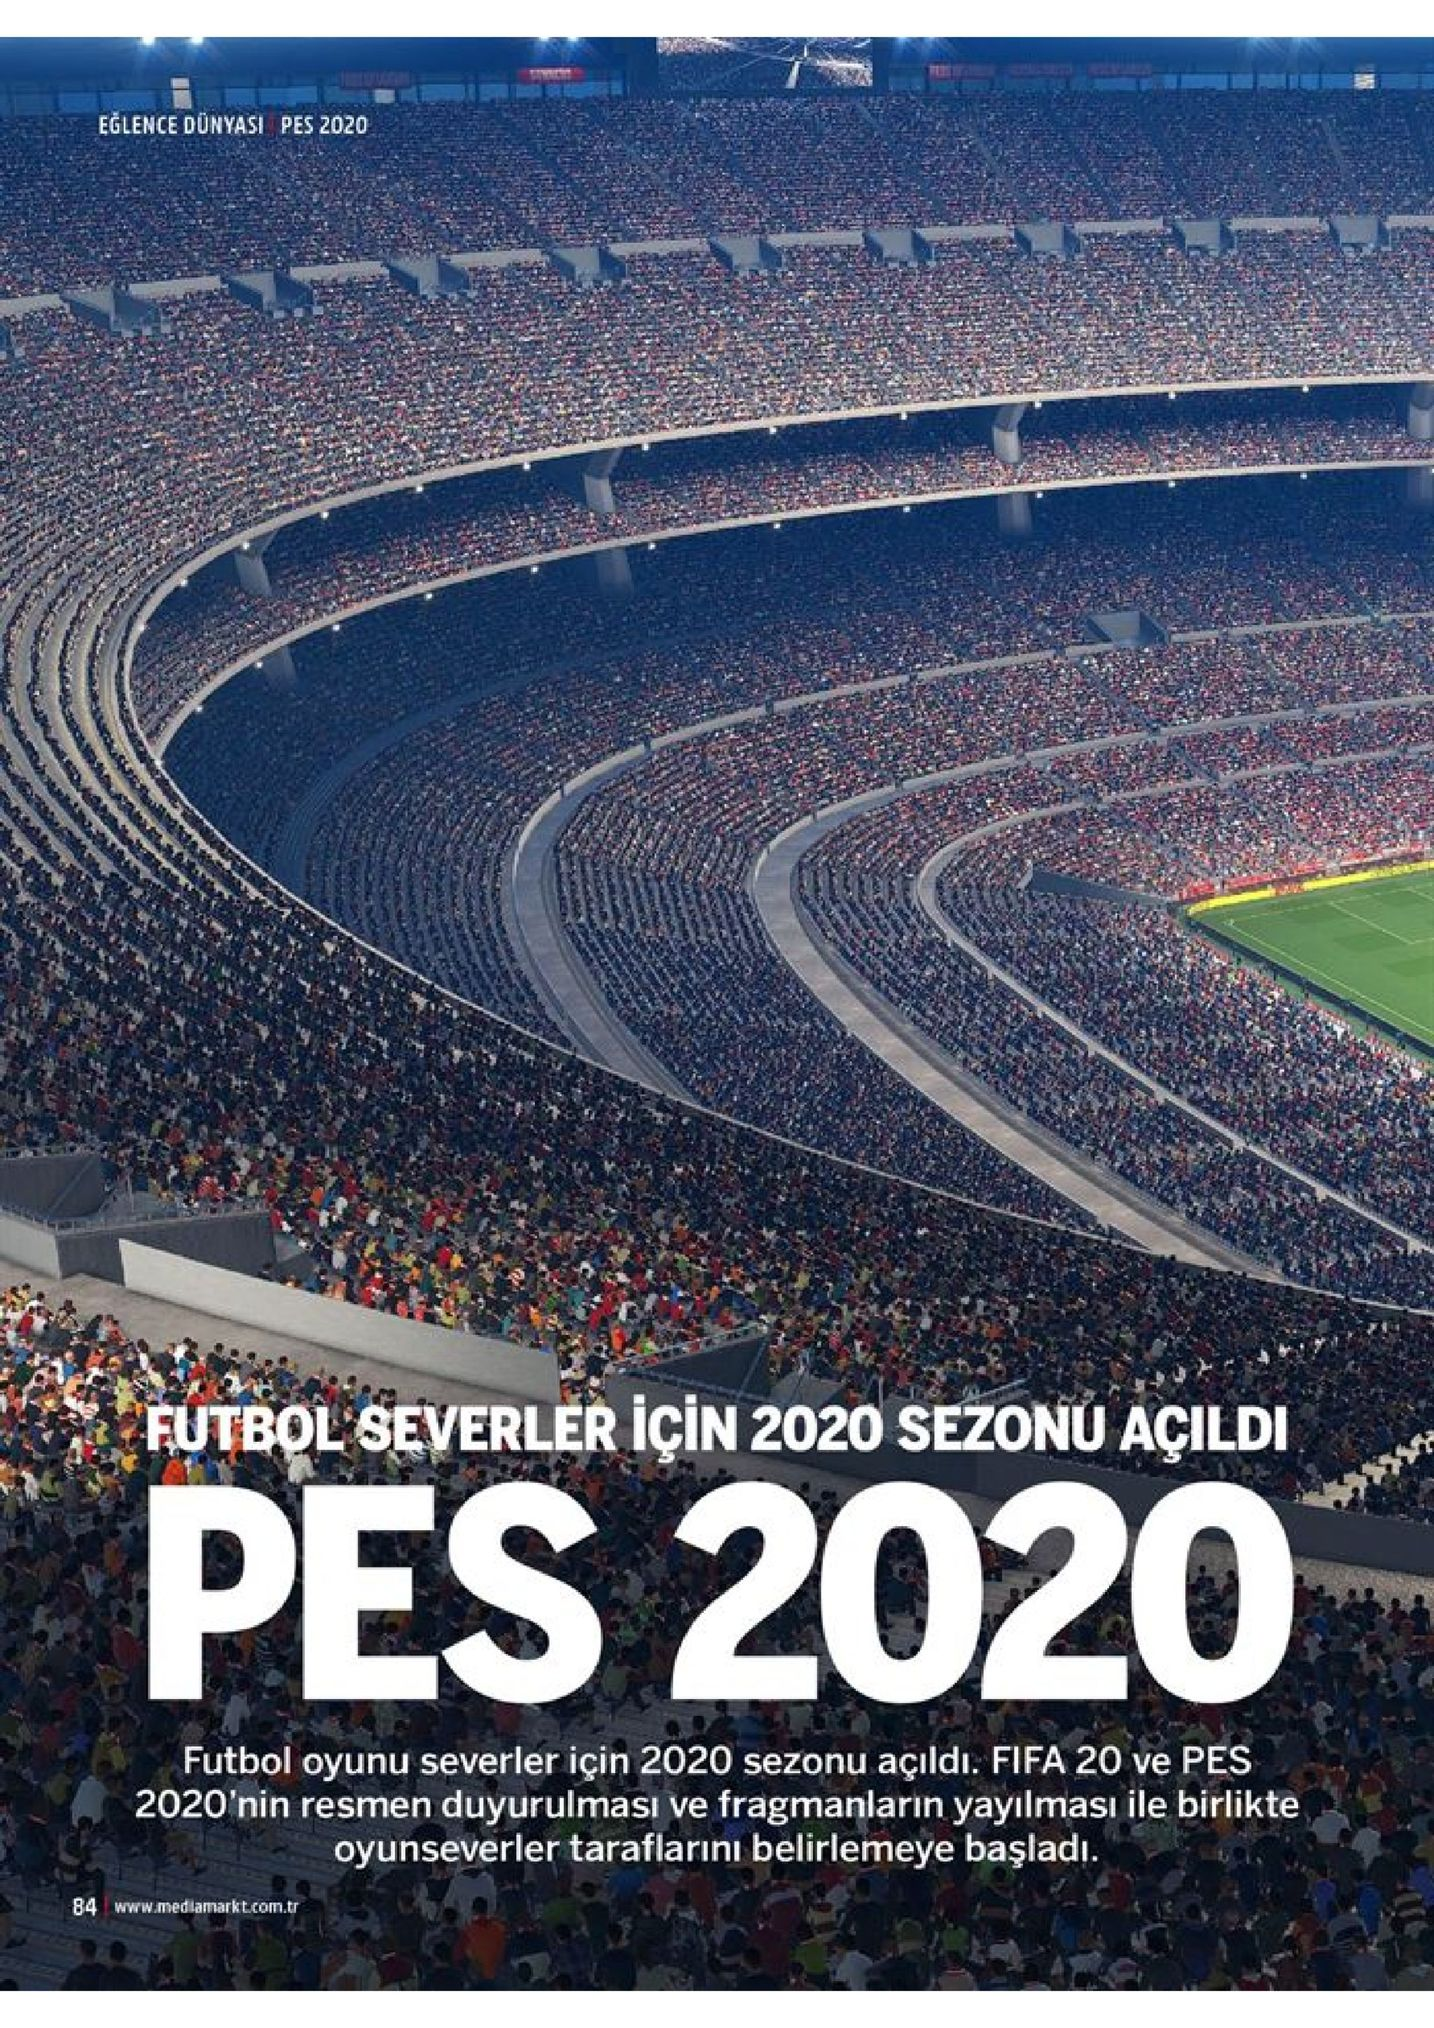 eglence dünyasi pes 2020 futbol severler için 2020 sezonu açildi pes 2020 futbol oyunu severler için 2020 sezonu açıldı. fifa 20 ve pes 2020'nin resmen duyurulması ve fragmanların yayılması ile birlikte oyunseverler taraflarını belirlemeye başladı 84 www.mediamarkt.com.tr